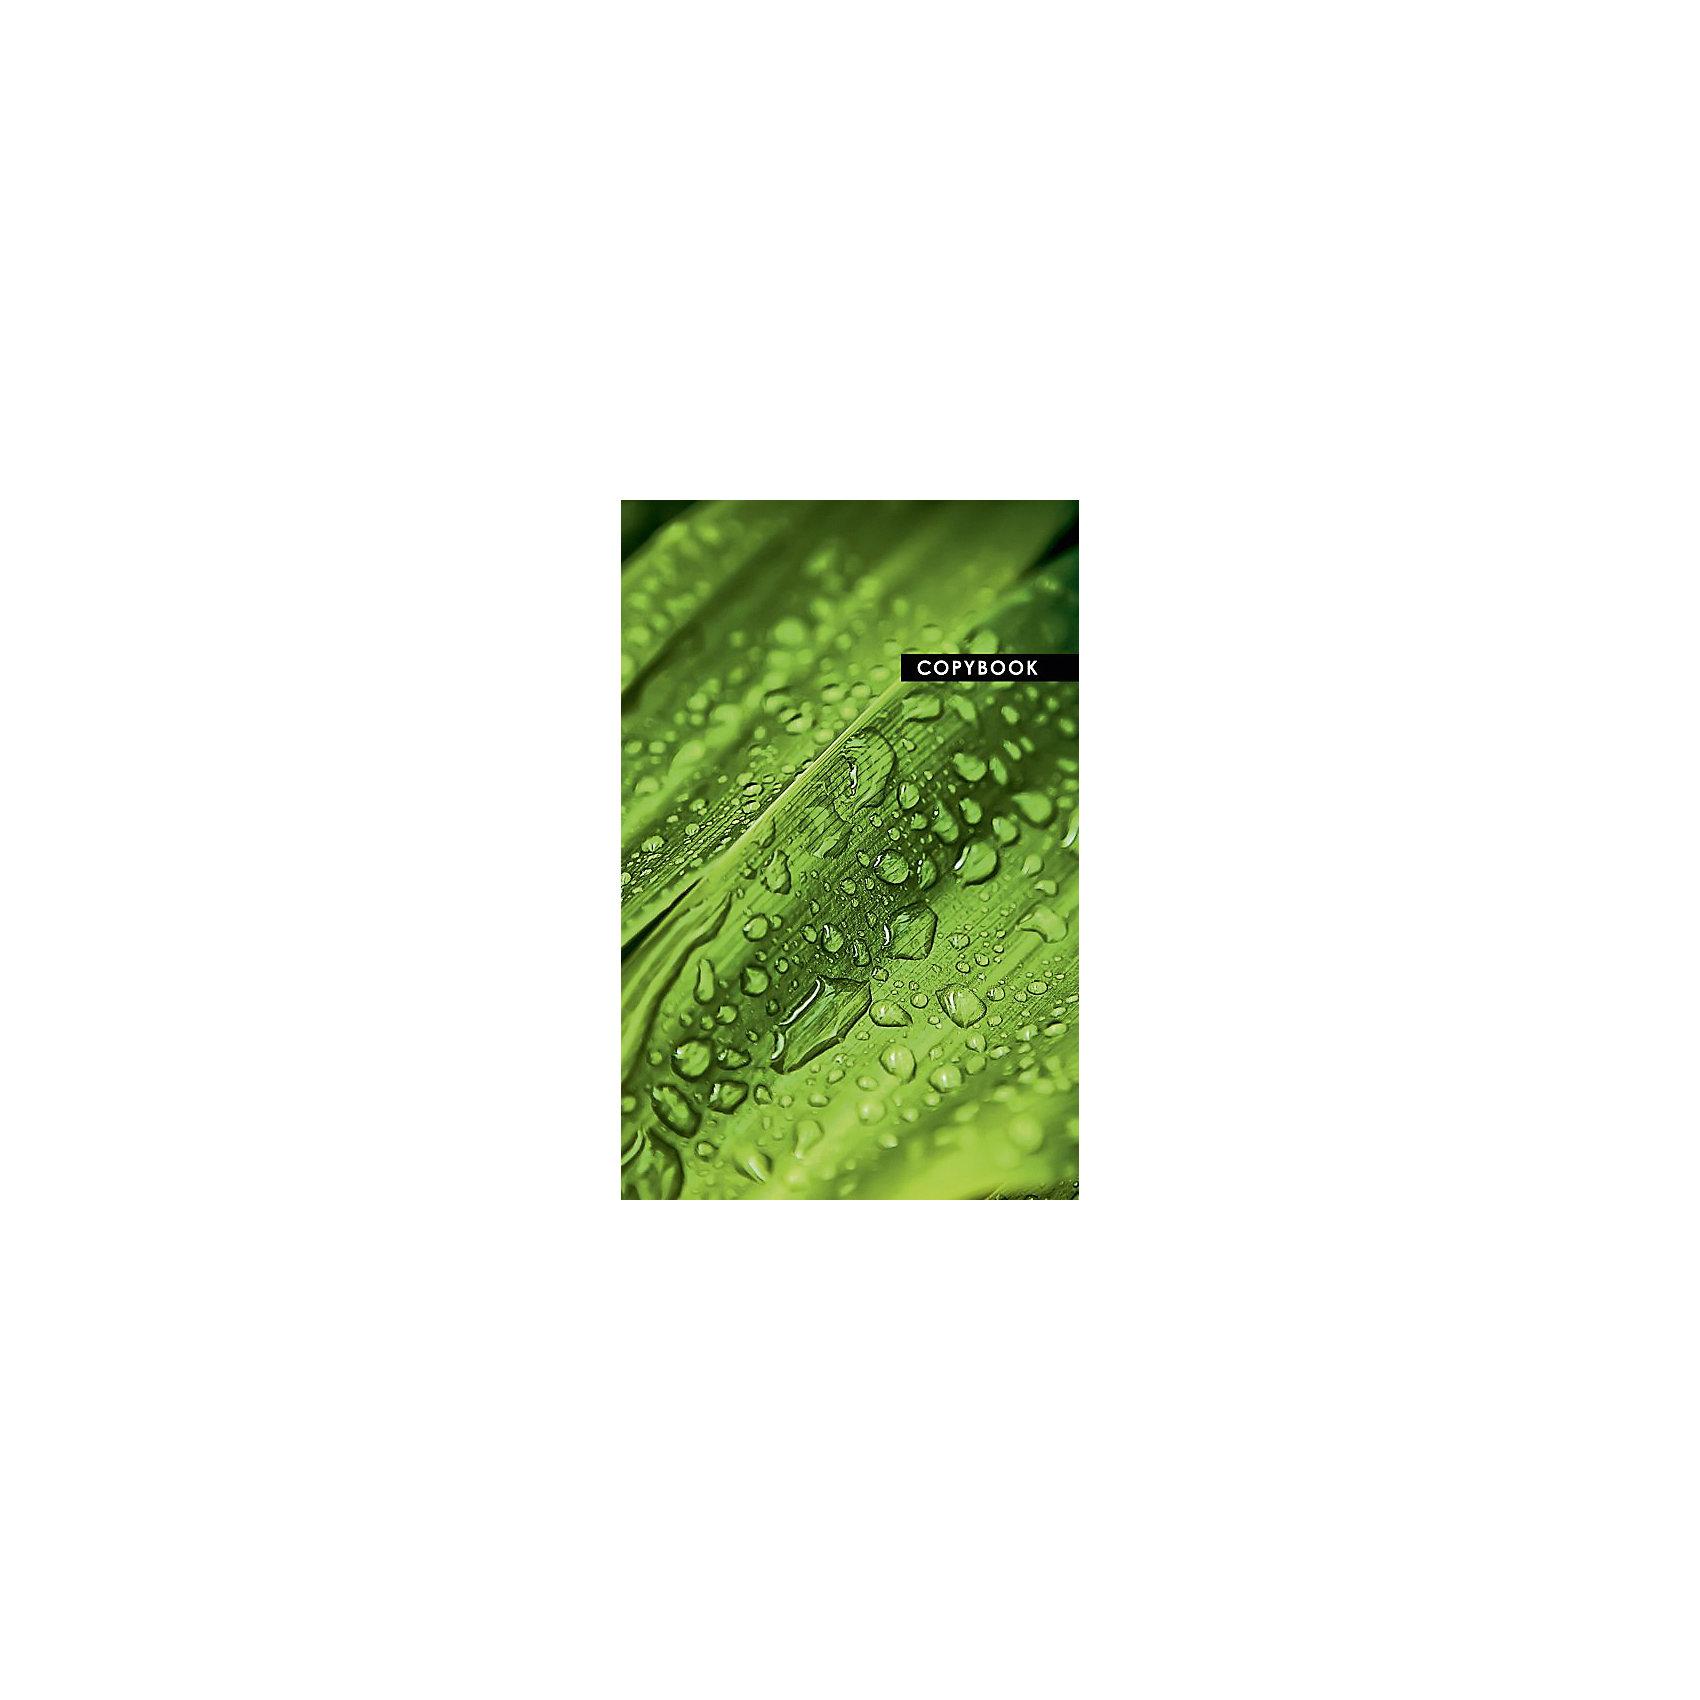 Тетрадь 96 листов Капли Феникс+,Бумажная продукция<br>Тетрадь 96 л. КАПЛИ /А4, переплет 7БЦ, 192 стр. Обложки полноцвет под глянц. пленкой, блок офсет в одну краску, клетка./<br><br>Ширина мм: 300<br>Глубина мм: 200<br>Высота мм: 10<br>Вес г: 530<br>Возраст от месяцев: 72<br>Возраст до месяцев: 2147483647<br>Пол: Унисекс<br>Возраст: Детский<br>SKU: 7046461